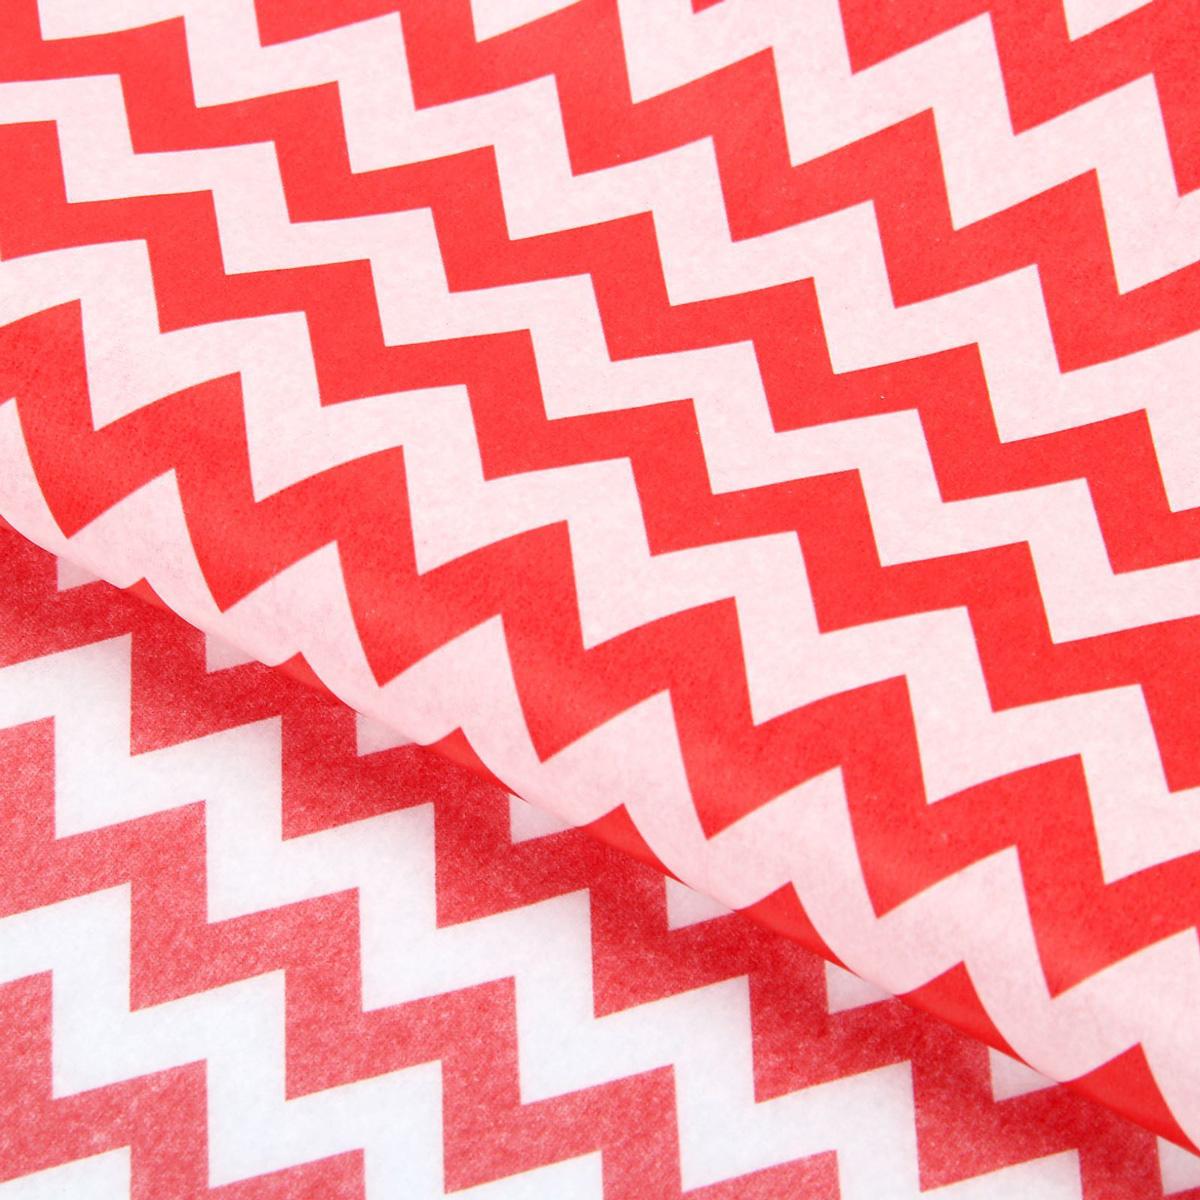 Бумага упаковочная Sima-land Орнамент, тишью, 50 х 70 см1386365Бумага упаковочная Sima-land - это стильный и модный тренд в декоре и упаковке. Она универсальна в оформлении любой продукции и подарка и сделает даже обычный презент заметным, приятным и стильным.